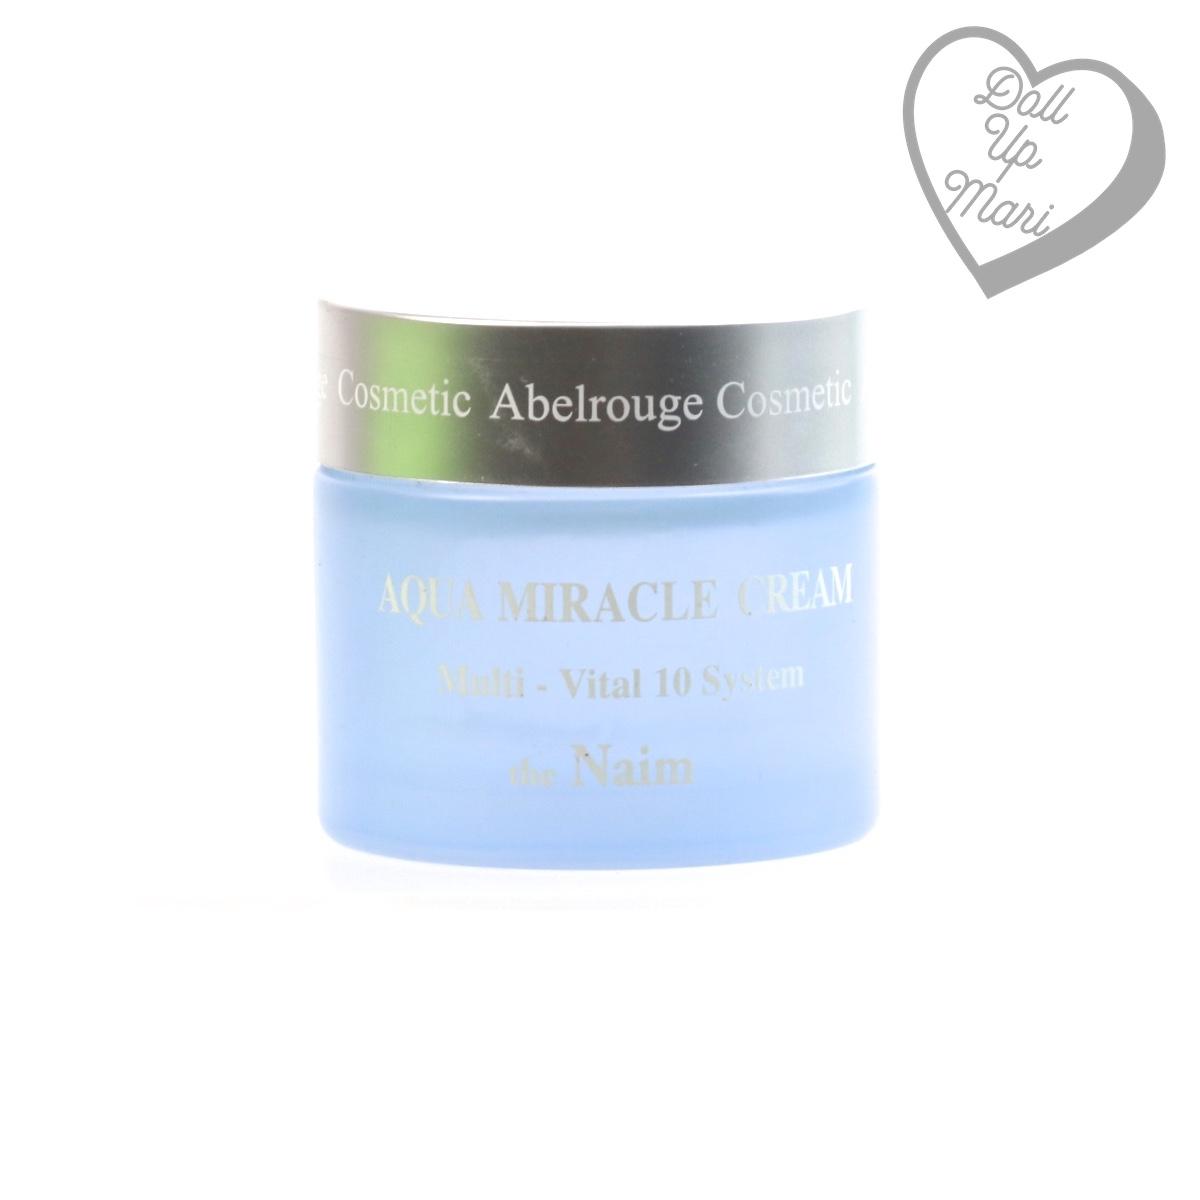 Abelrouge Aqua Miracle Cream